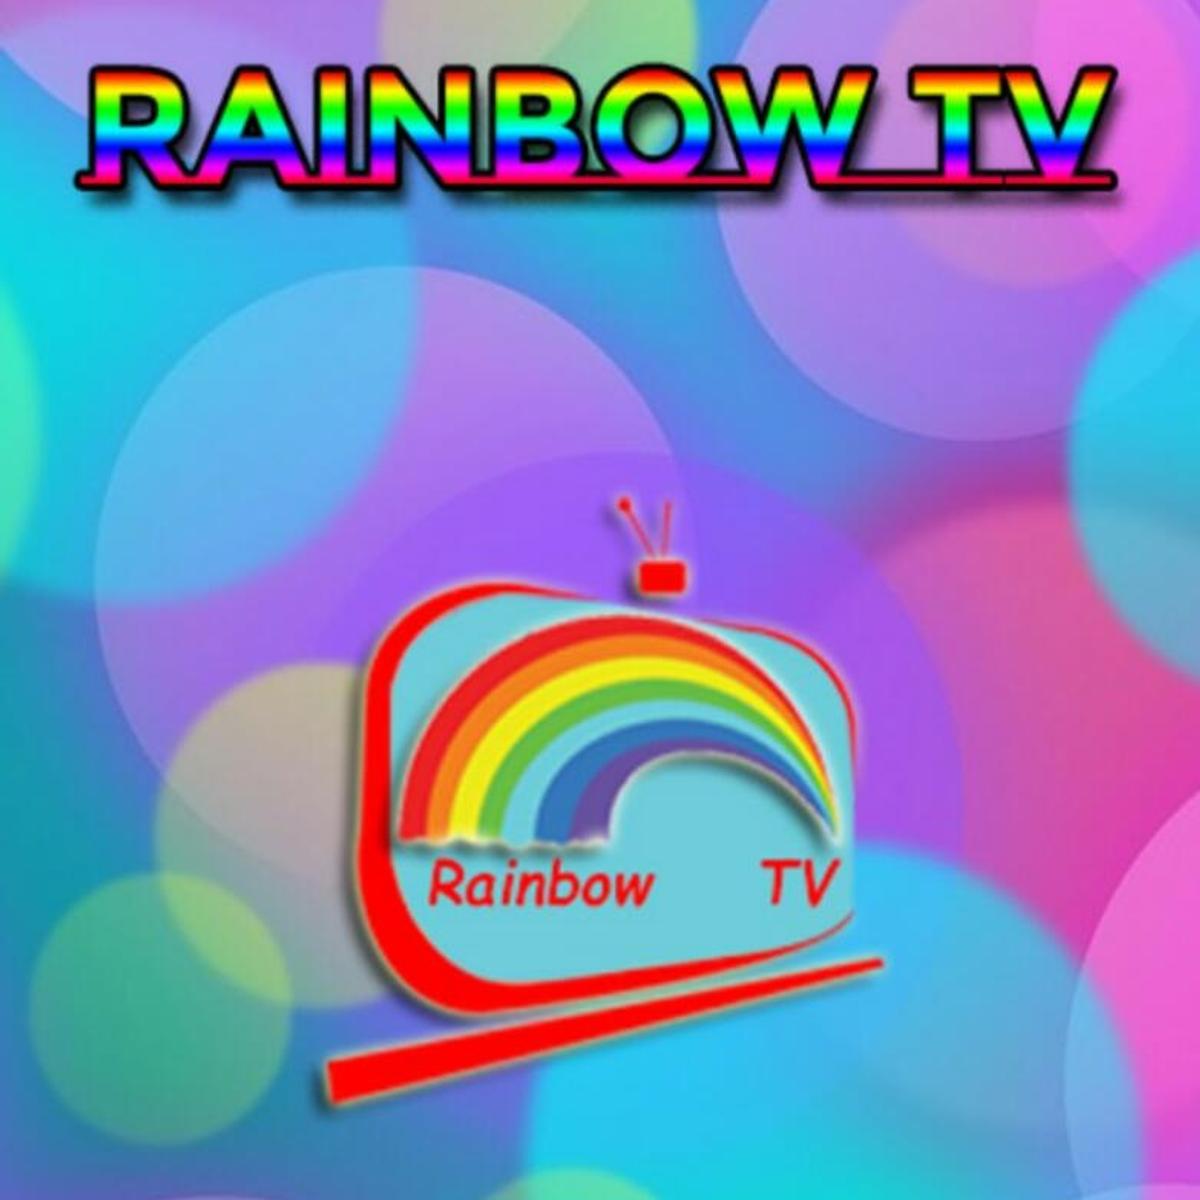 Rainbow TV Alternatives and Similar Apps - AlternativeTo net